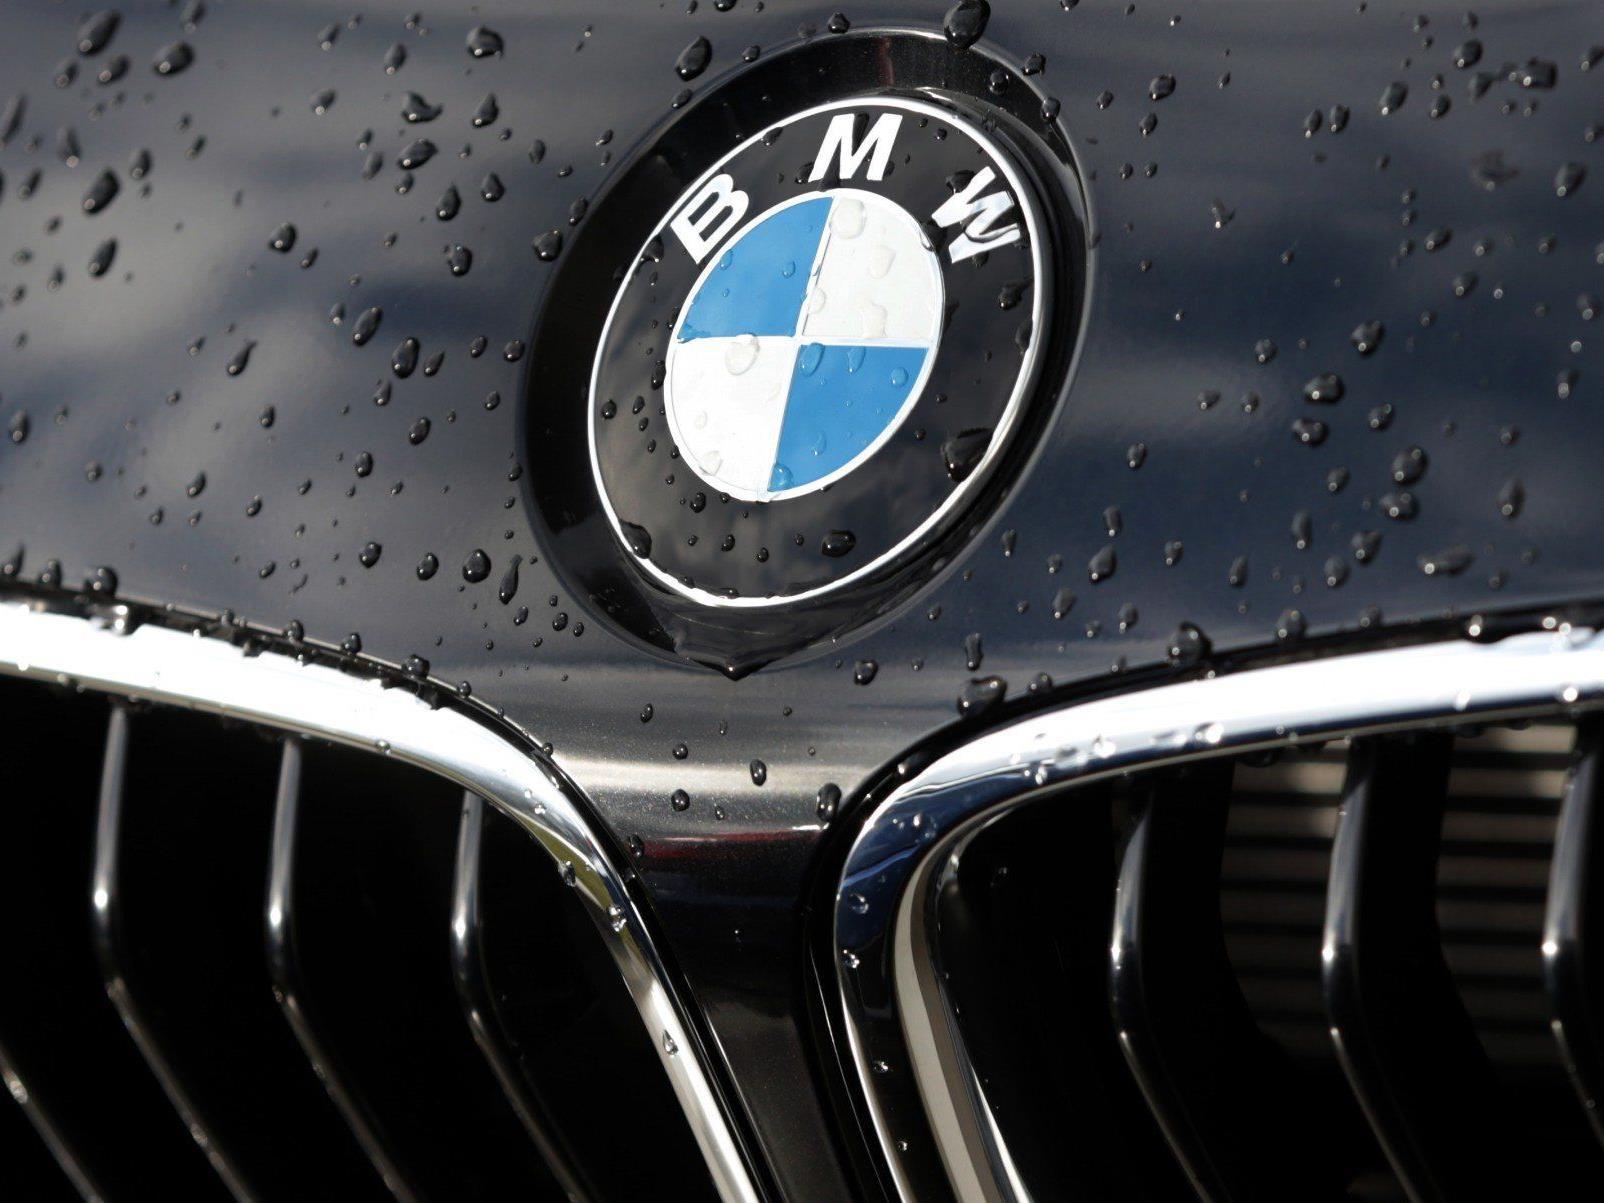 Der deutsche Autokonzern BMW steht unter Spionageverdacht - das Unternehmen dementiert diese Gerüchte.